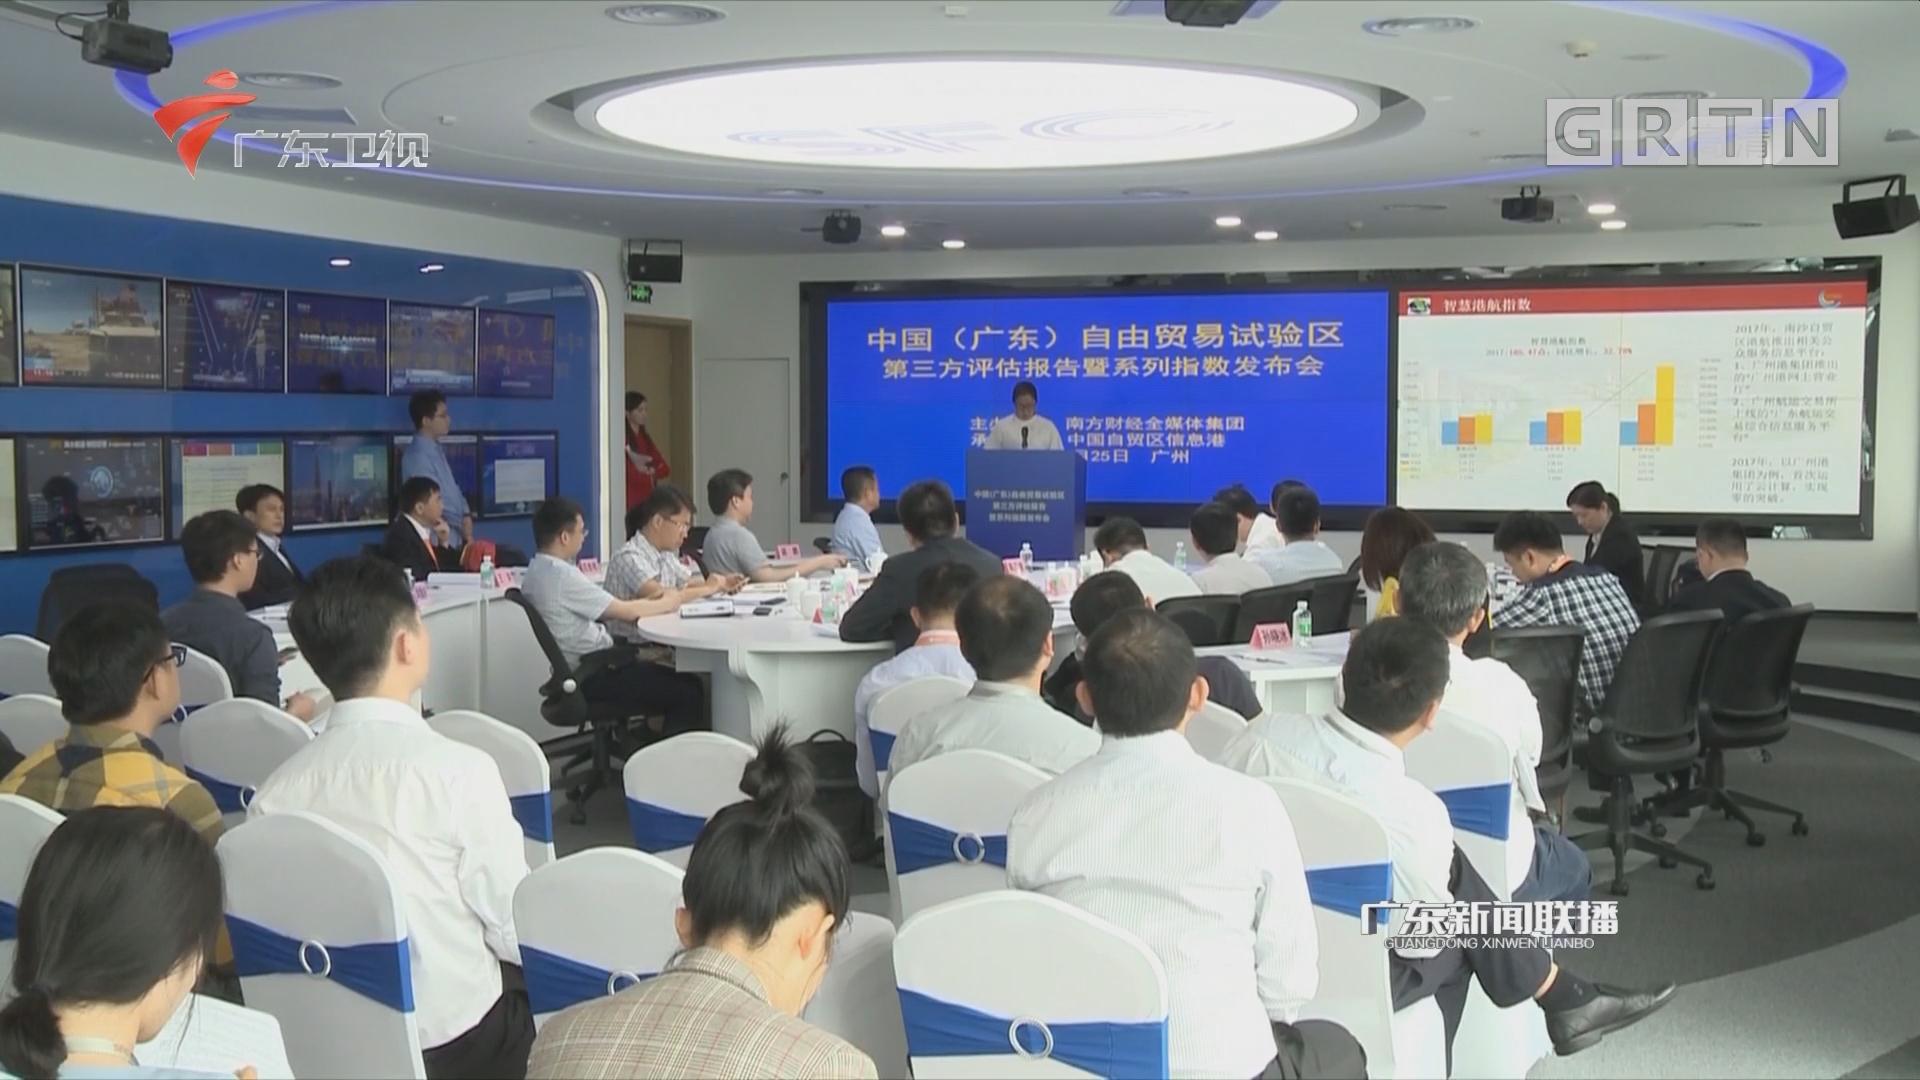 广东自贸试验区2017年度第三方评估报告出炉